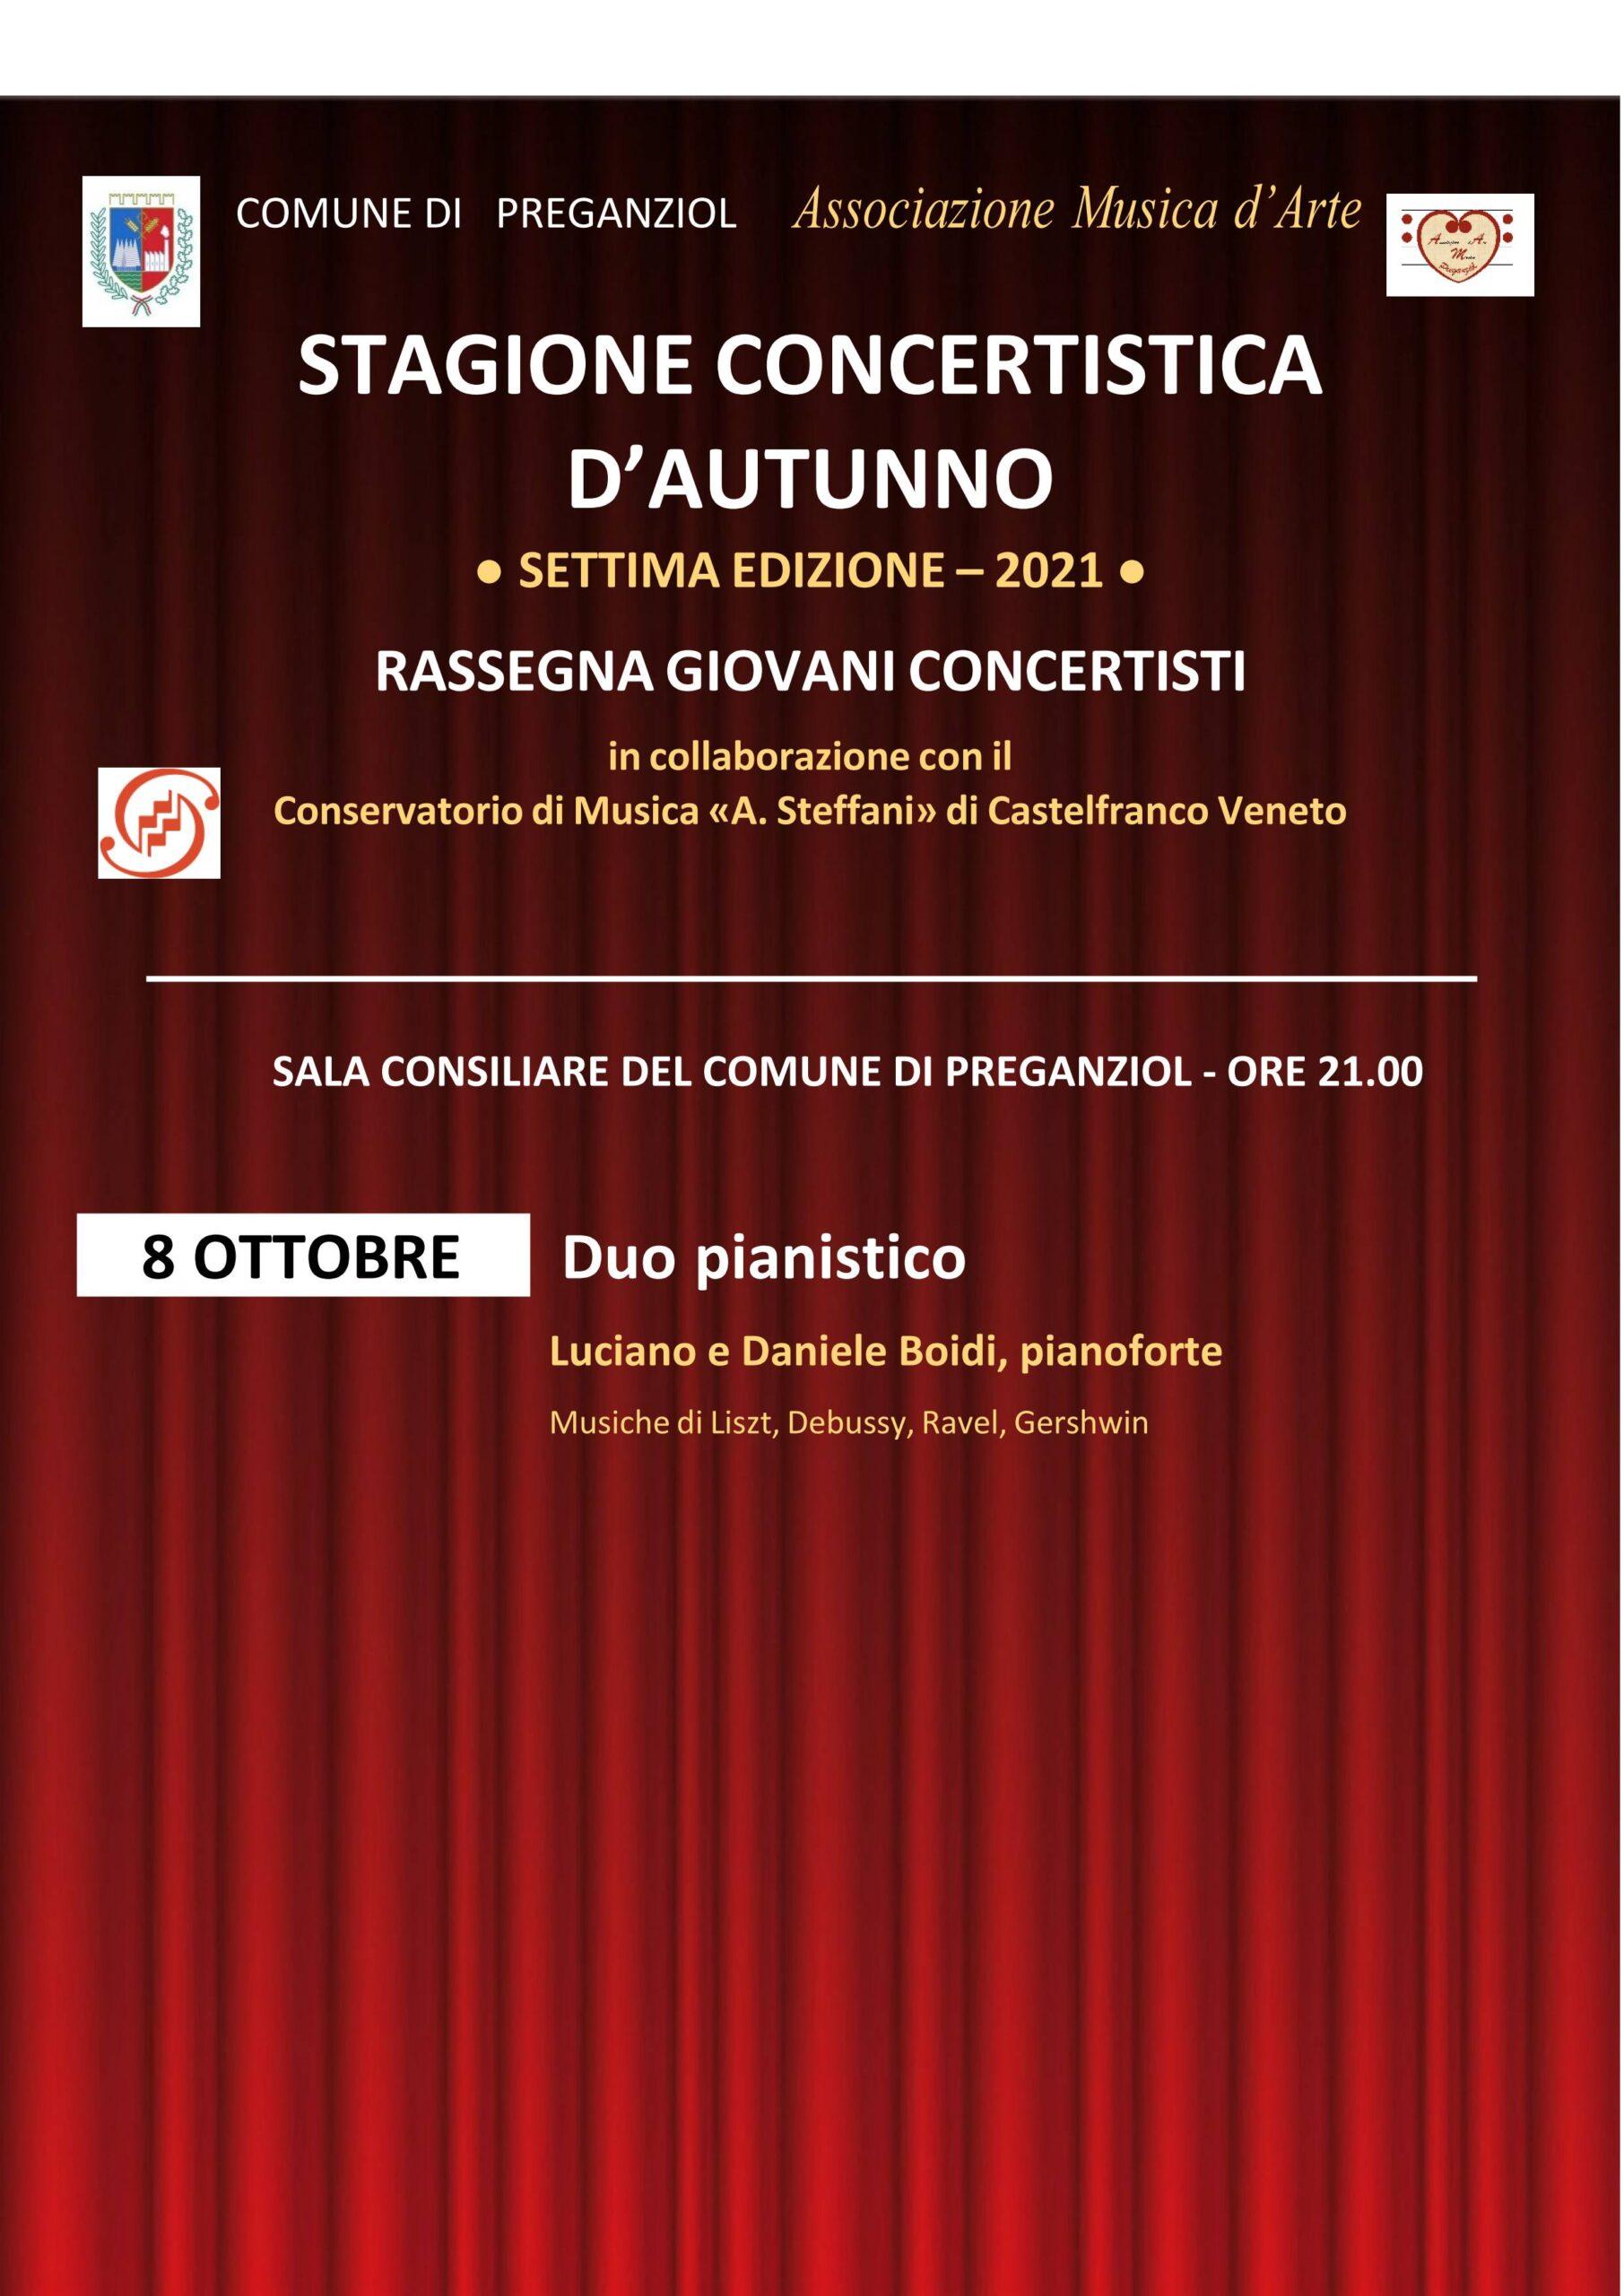 STAGIONE CONCERTISTICA D'AUTUNNO 2021 secondo appuntamento Venerdì 8 ottobre 2021